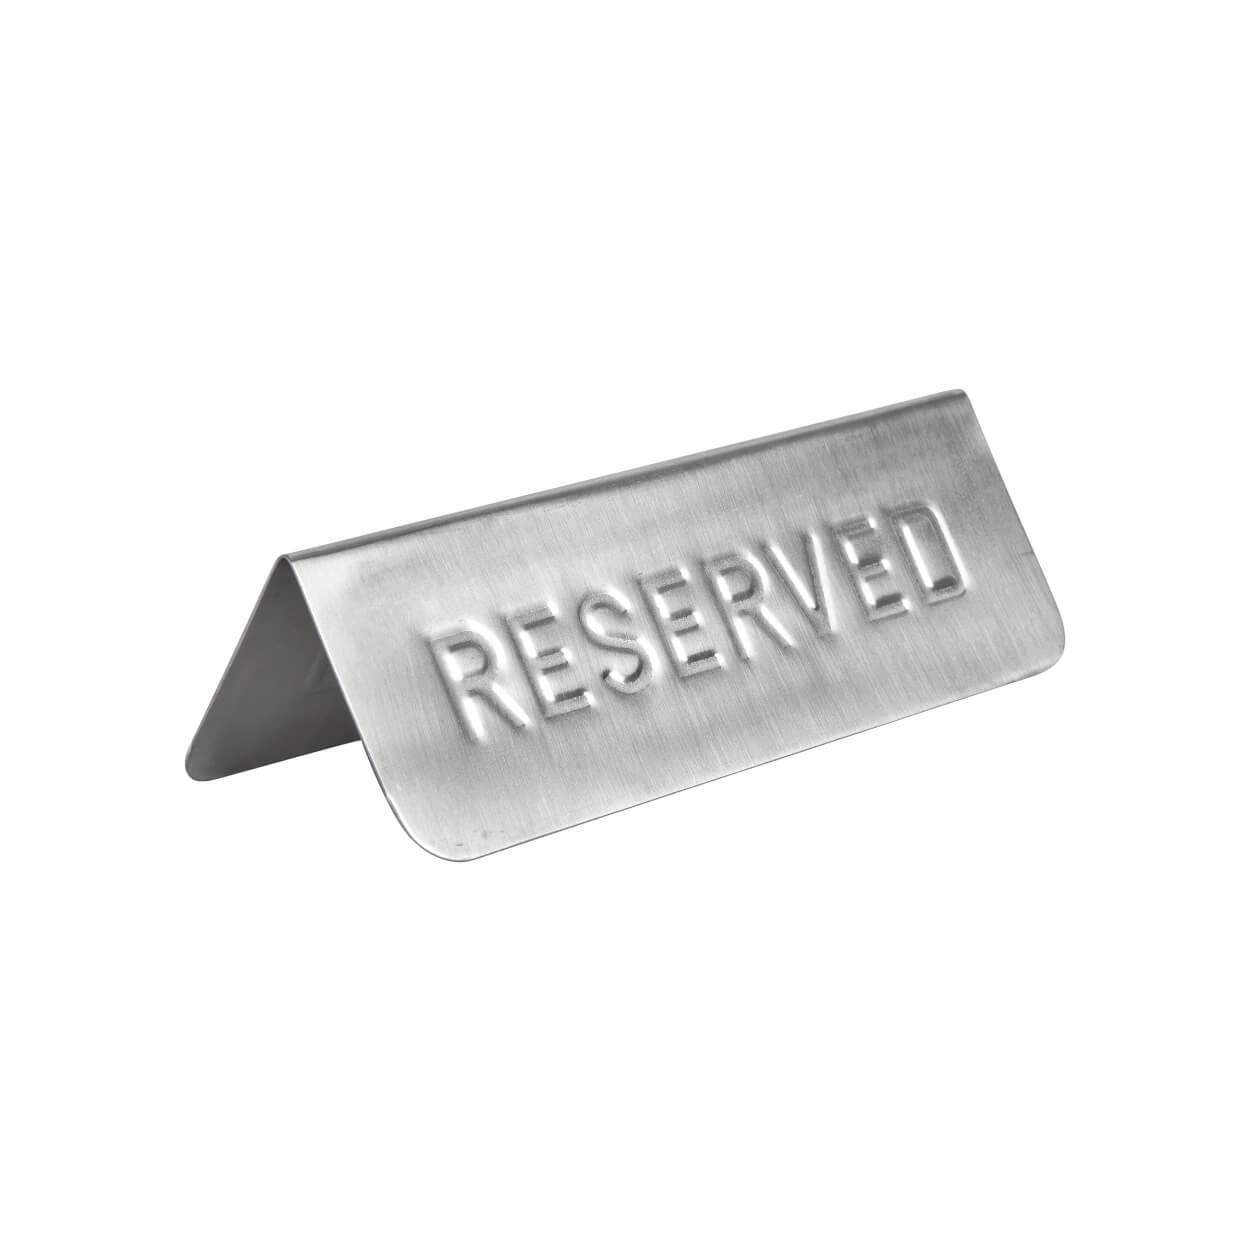 ΣΗΜΑ«RESERVED» INOX